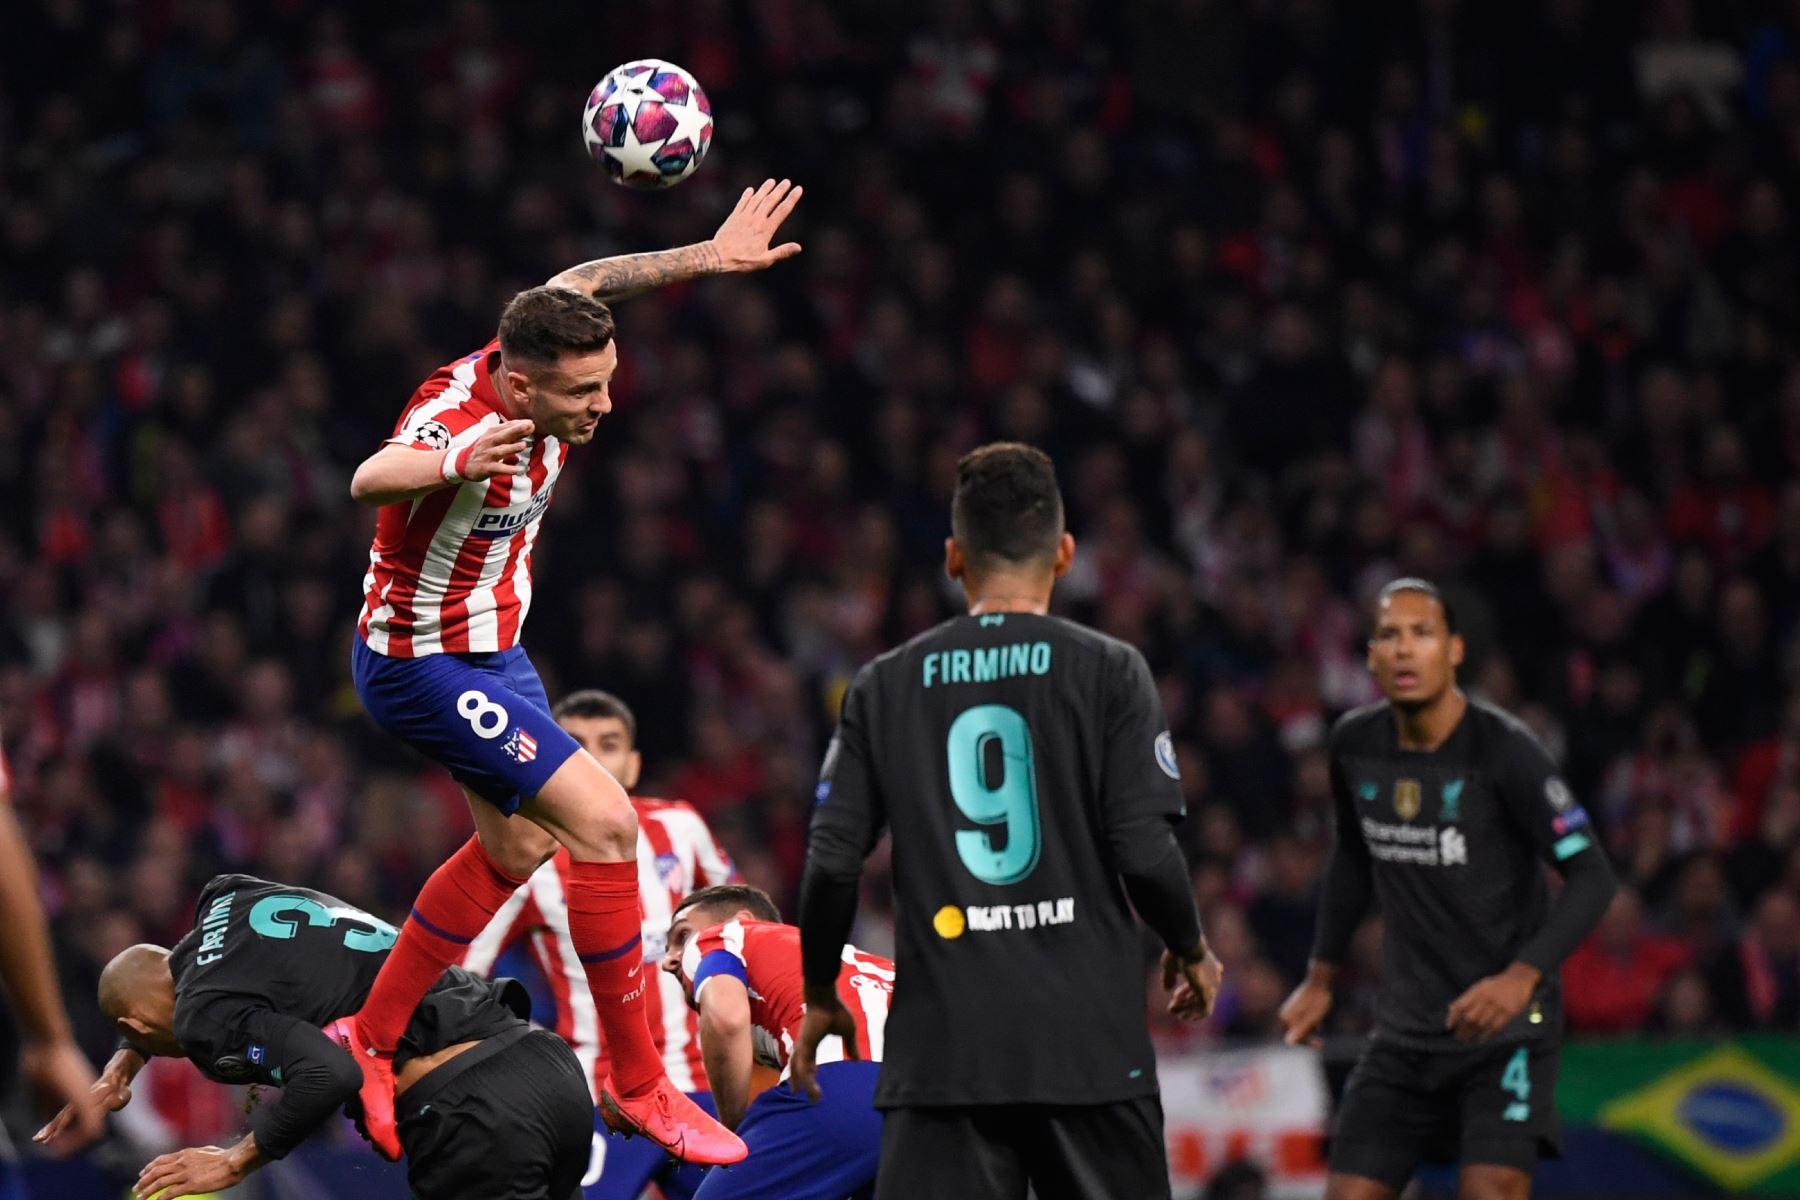 El centrocampista español del Atlético de Madrid, Saúl Niguez, encabeza el balón durante la UEFA Champions League, octavos de final.Foto:AFP